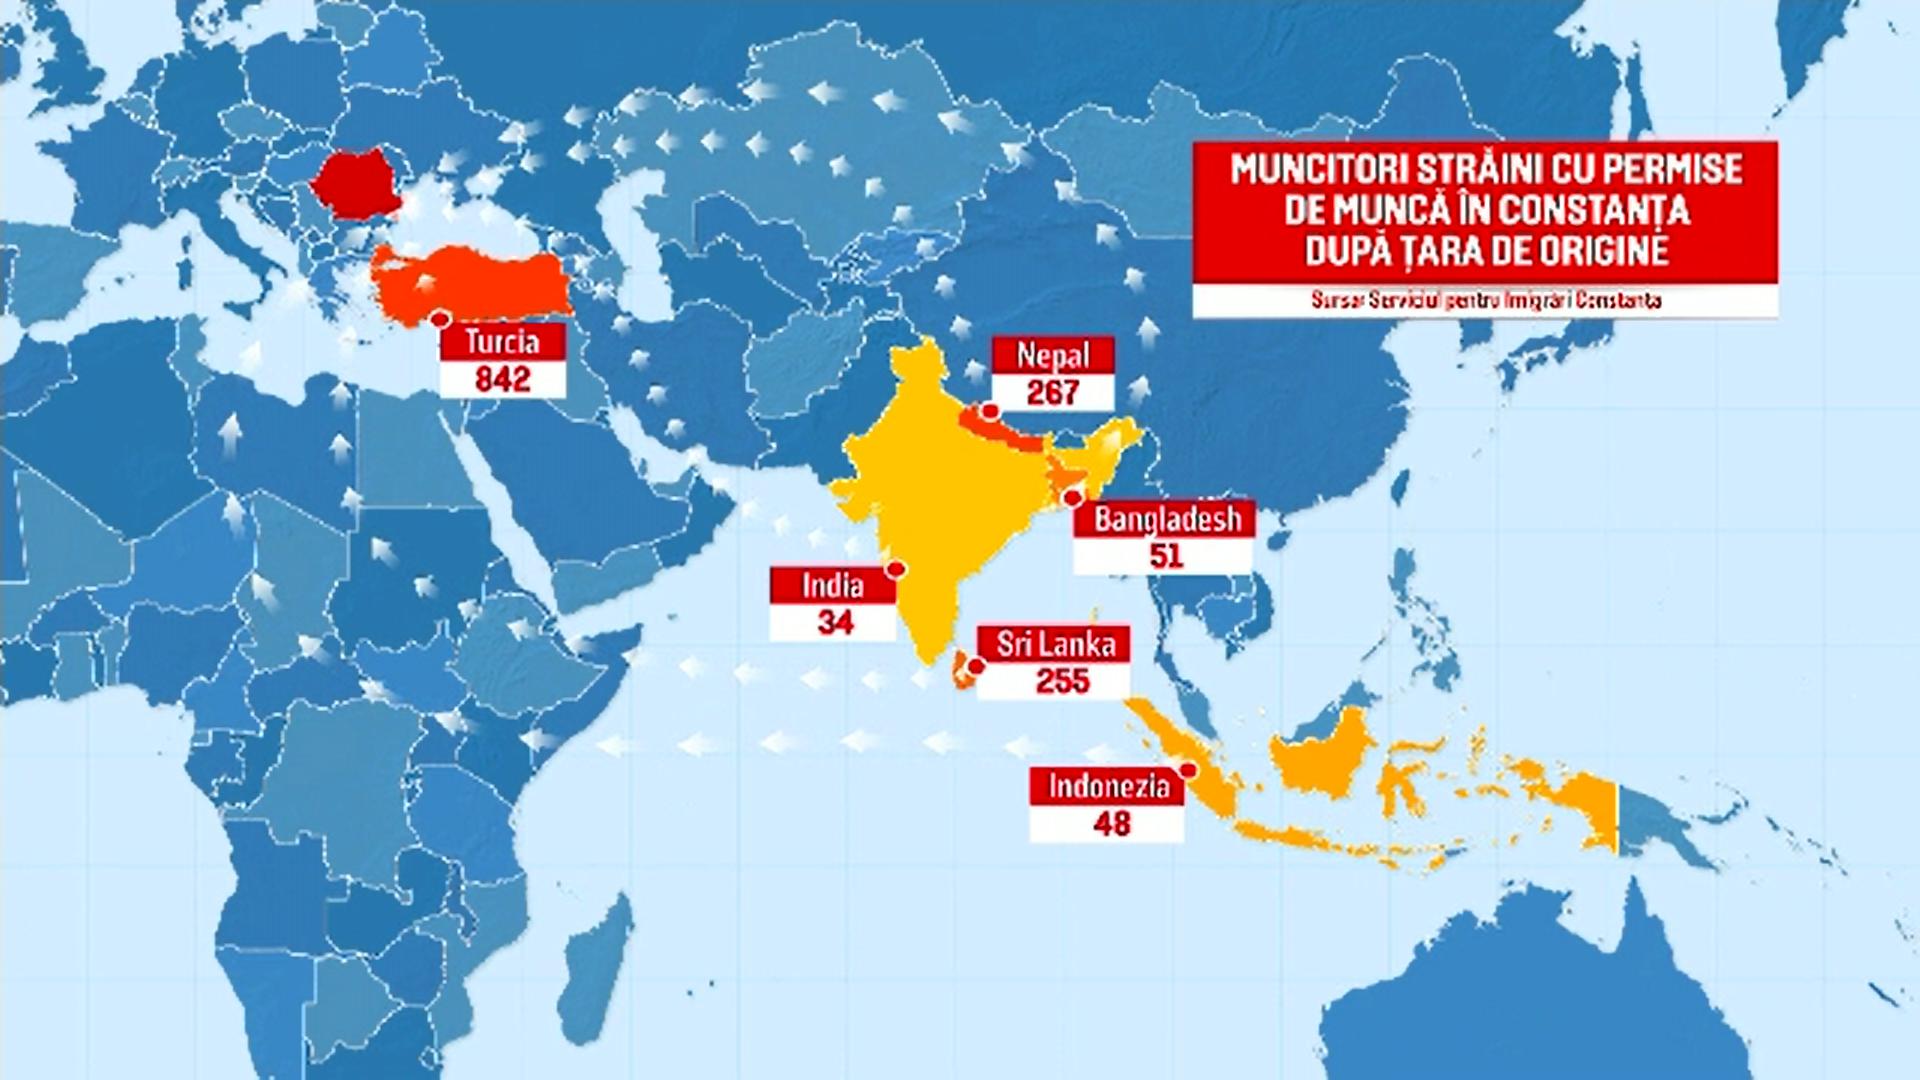 Peste 2000 de muncitori din Nepal, Vietnam sau India ridică zeci de blocuri pe litoralul românesc